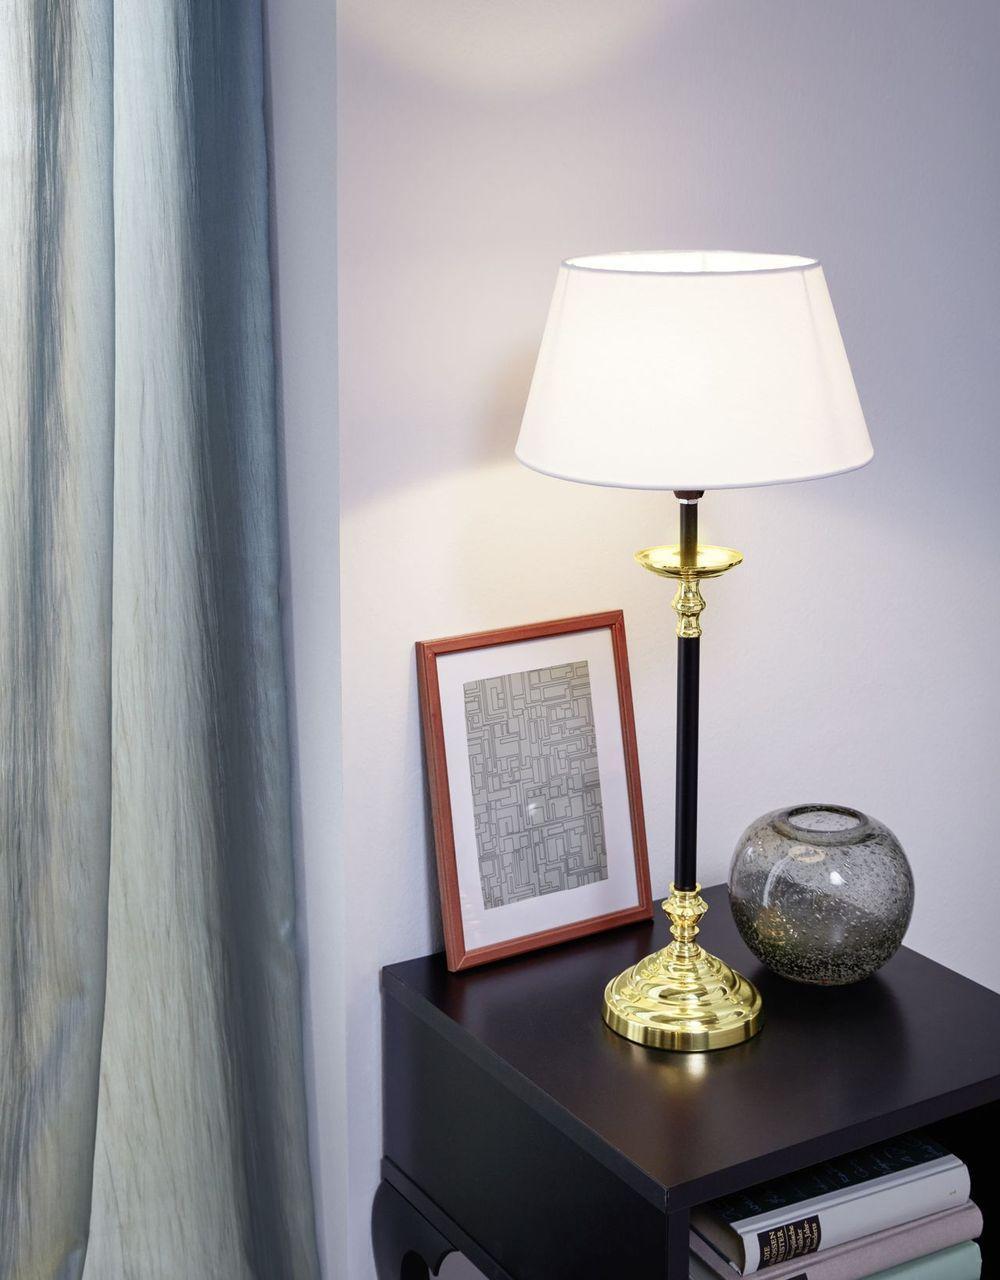 Настольная лампа Eglo Trungle 49624 настольная лампа eglo trungle 49624